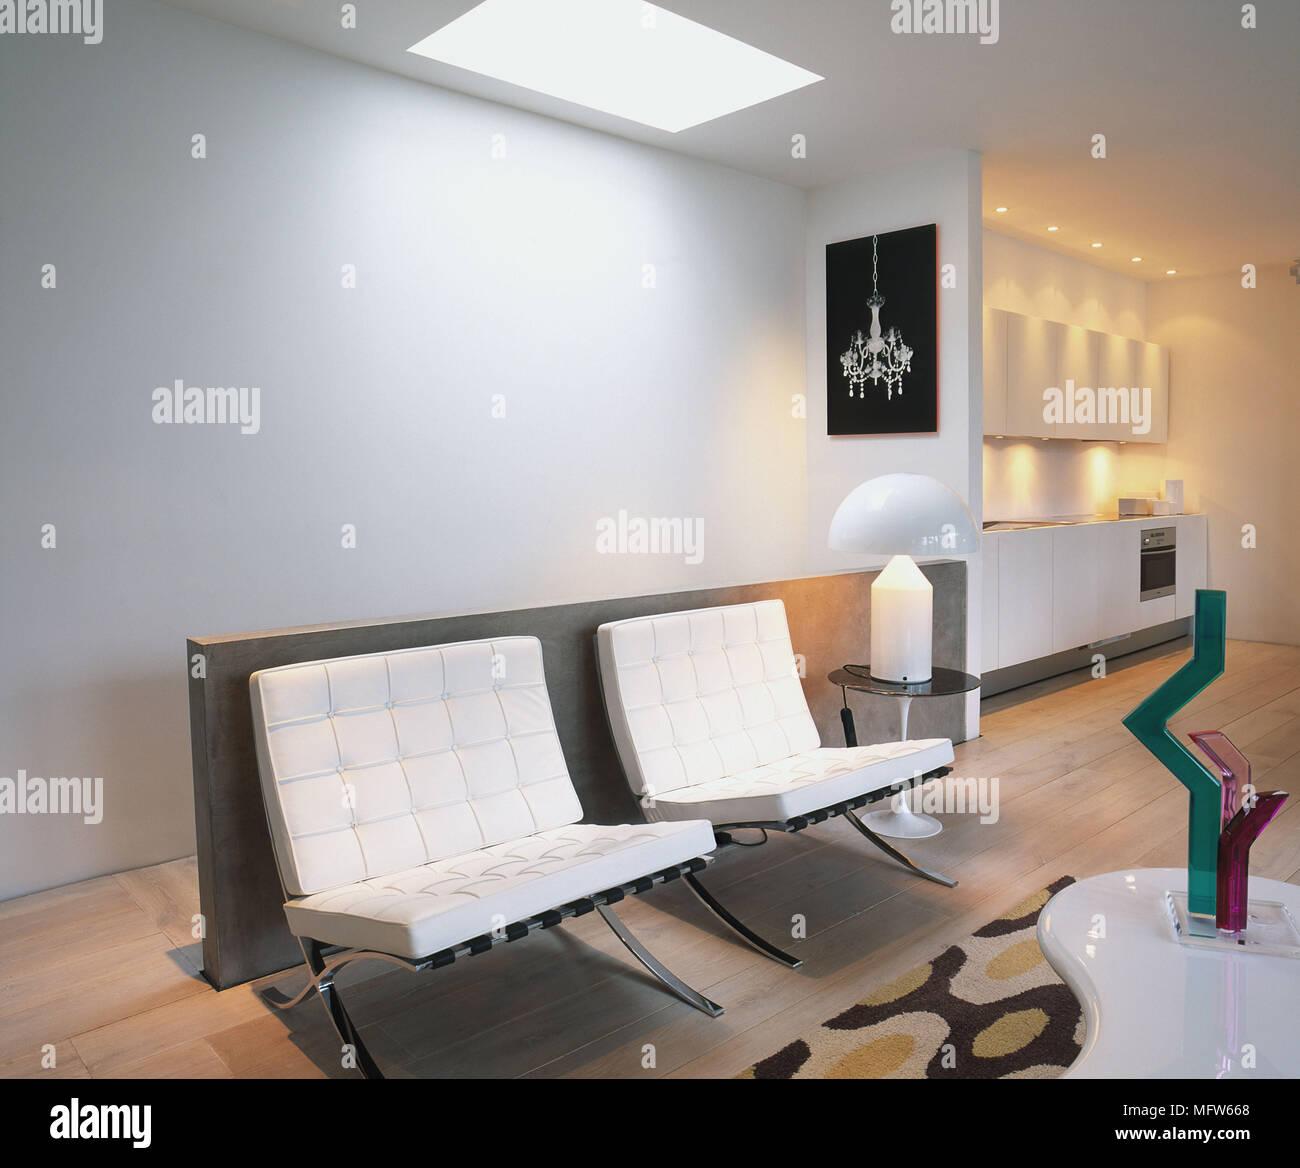 Minimalistische Wohnzimmer Mit Zeitgenössischen Stühlen Und Ornamente.  Stockbild